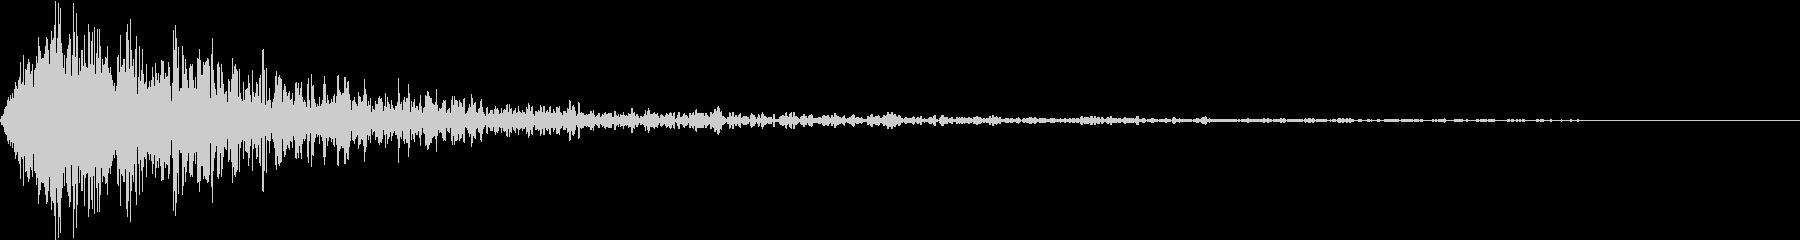 「○月○日ロードショー」のような衝撃音の未再生の波形